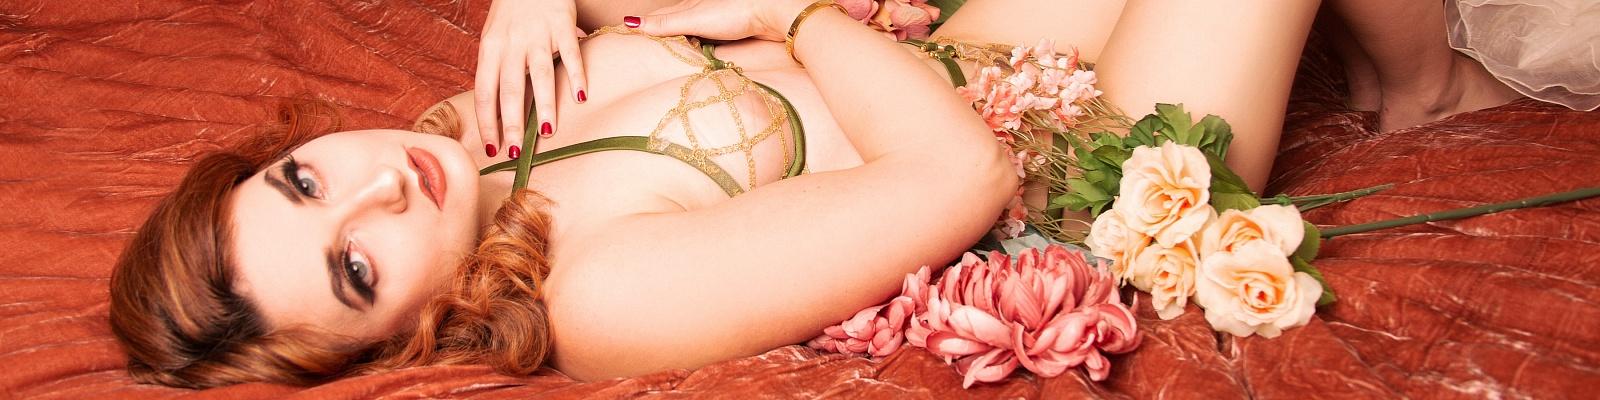 Sophia Skye's Cover Photo